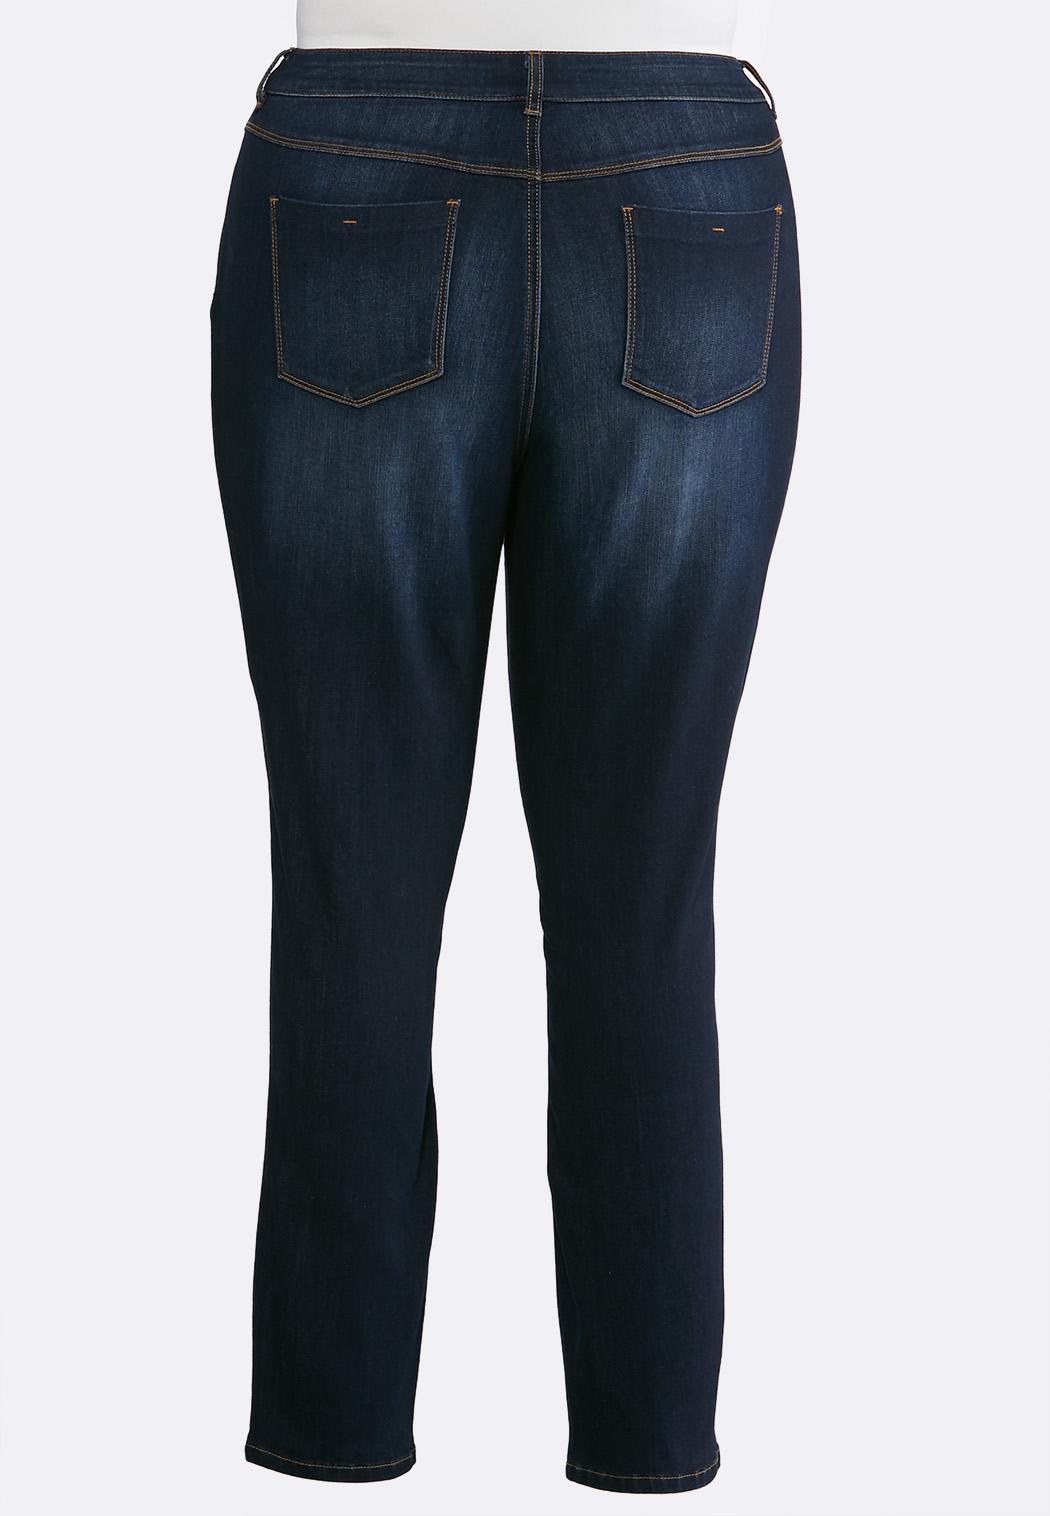 Plus Petite Dark Denim Jeans (Item #43665010)